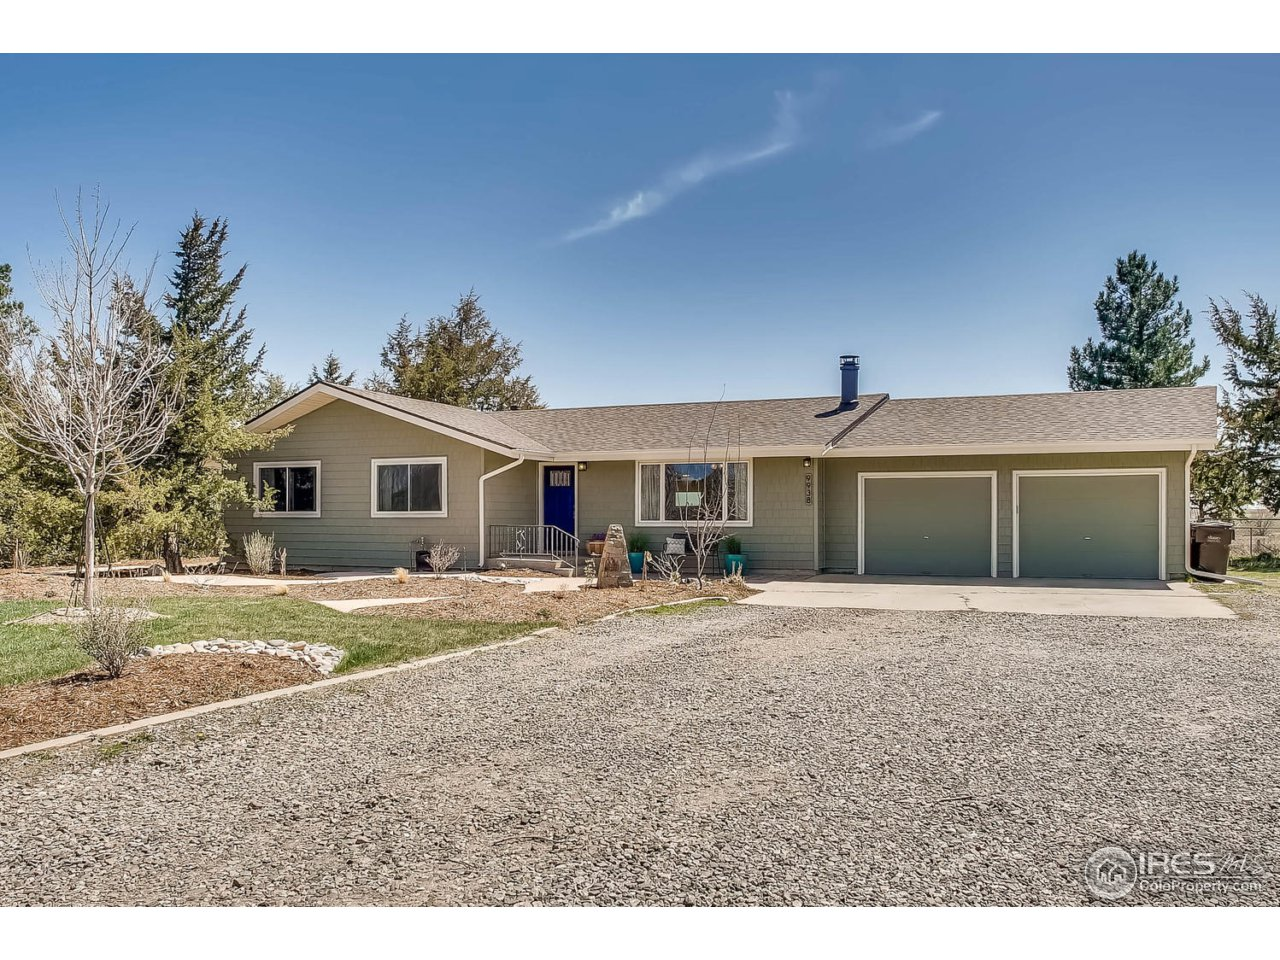 9938 Plateau Rd A, Longmont CO 80504